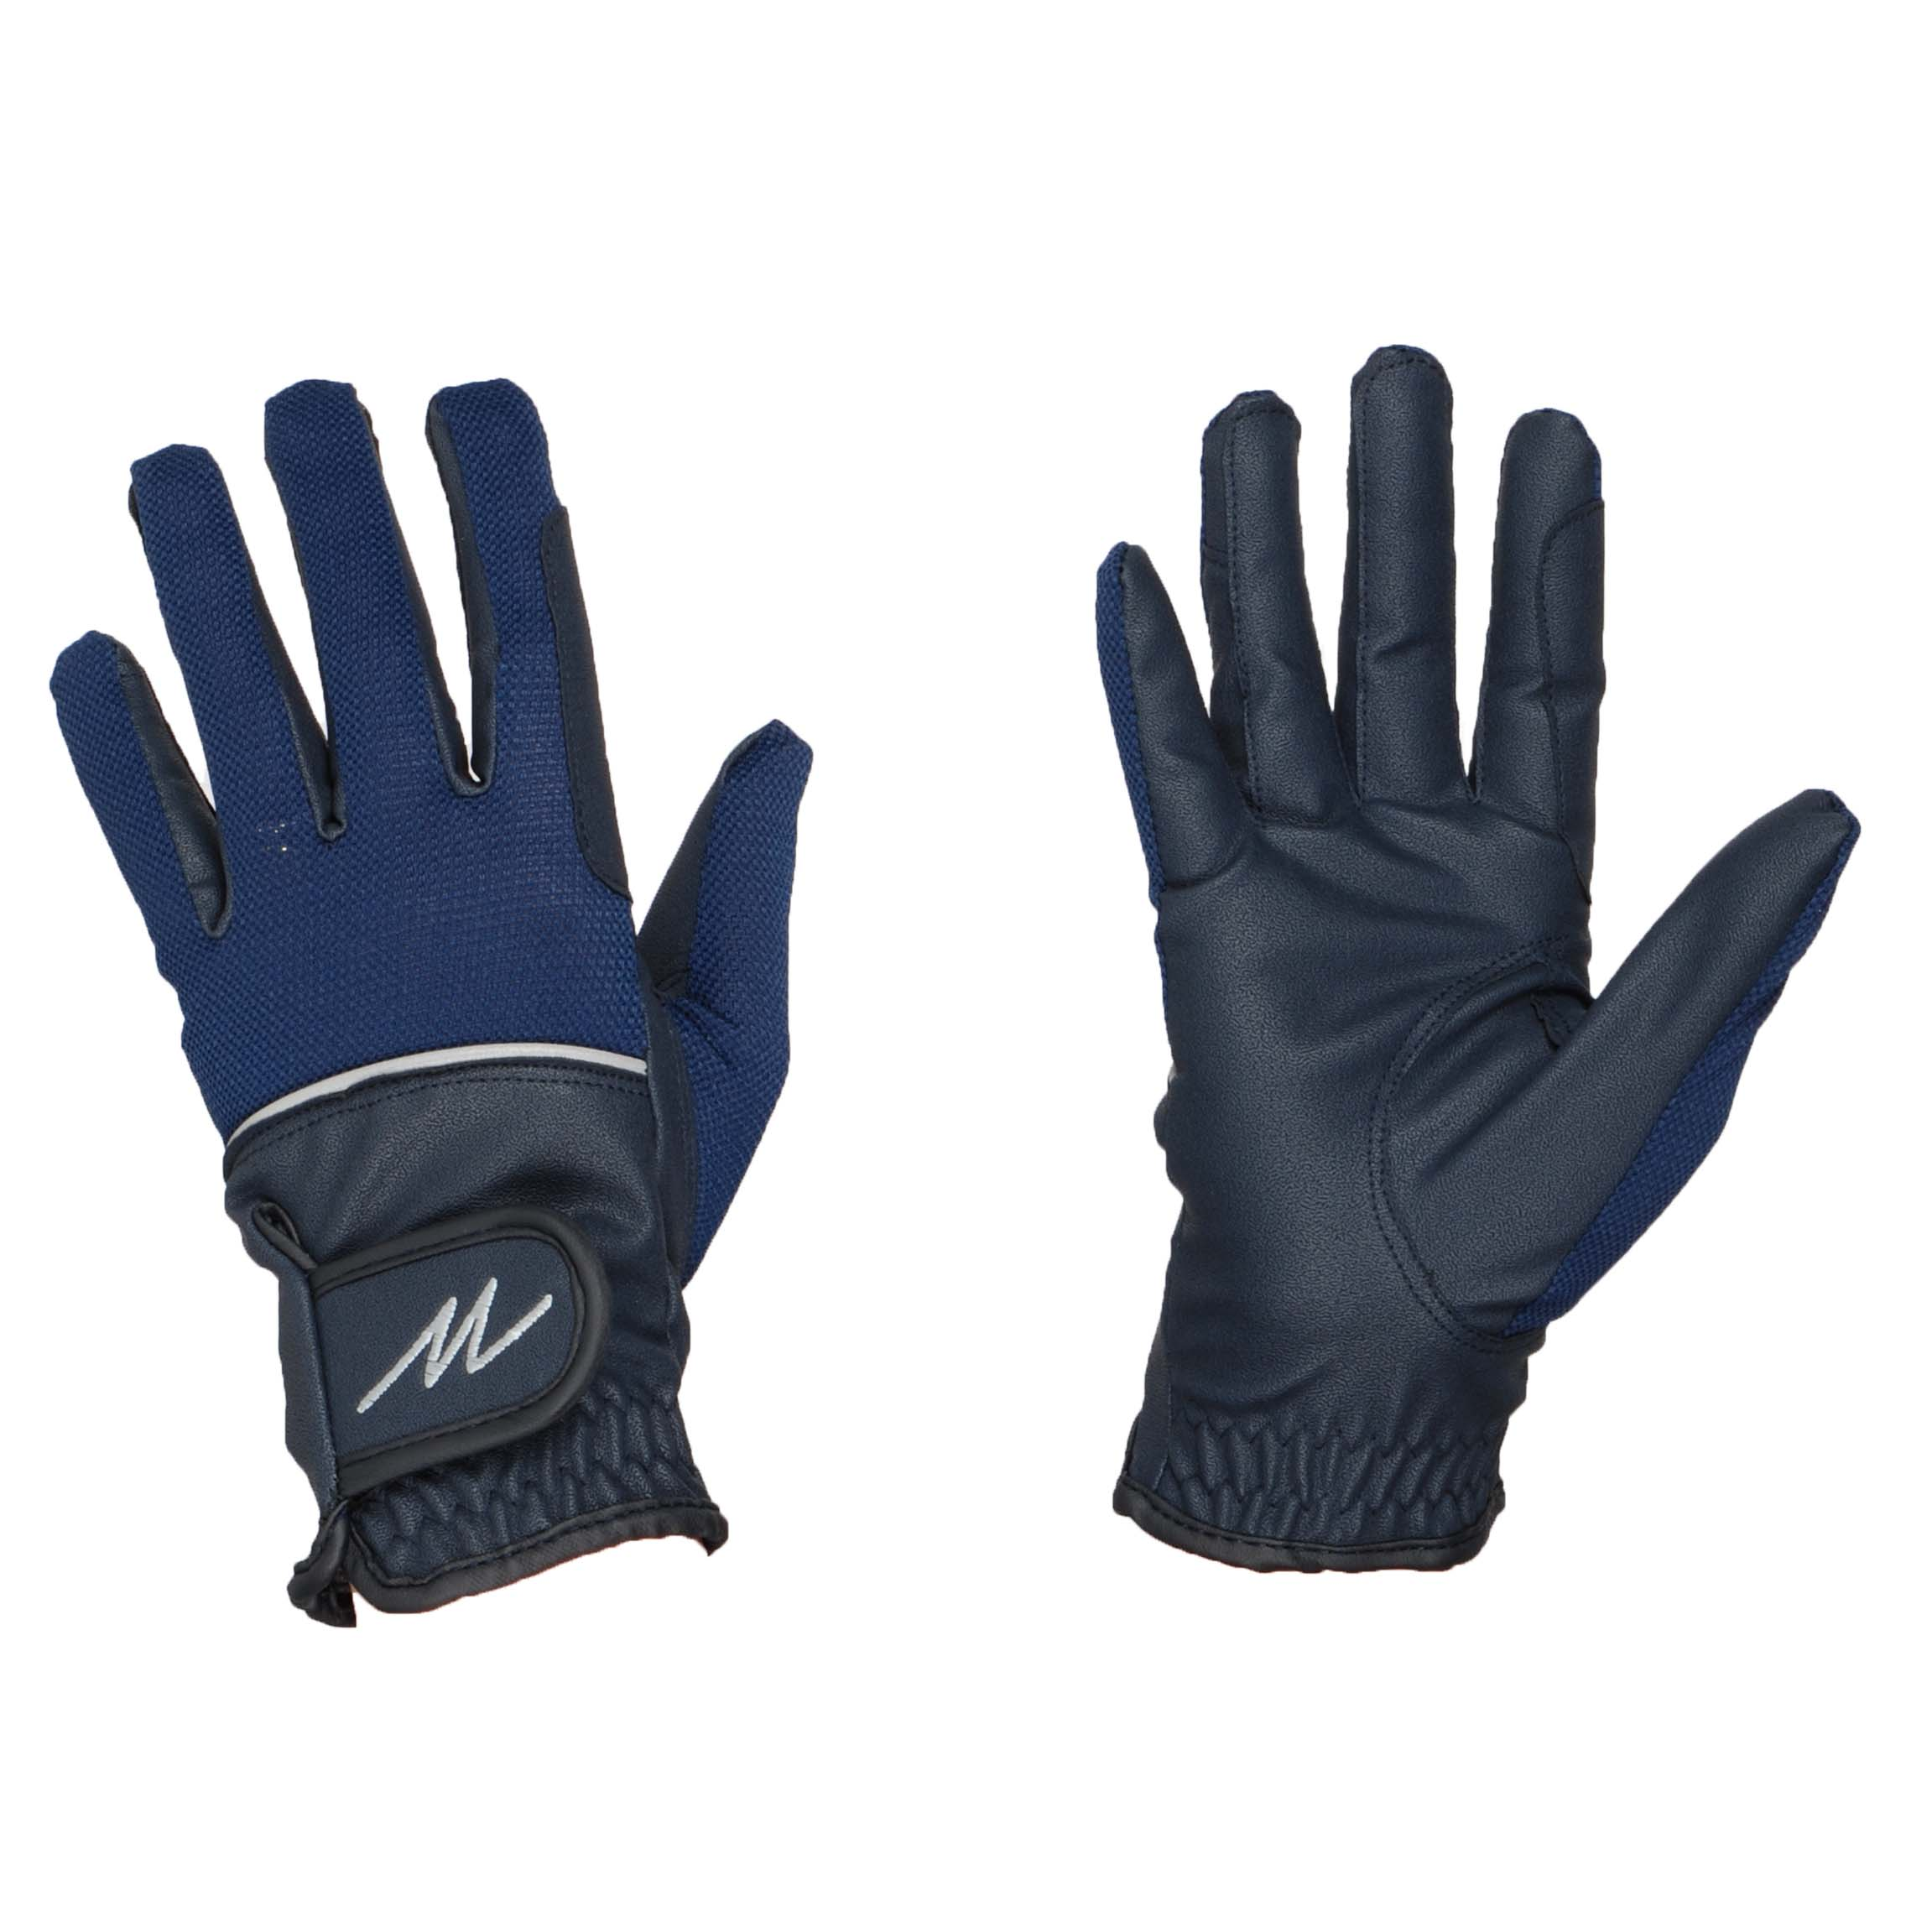 Mondoni Mendoza handschoenen donkerblauw maat:xl